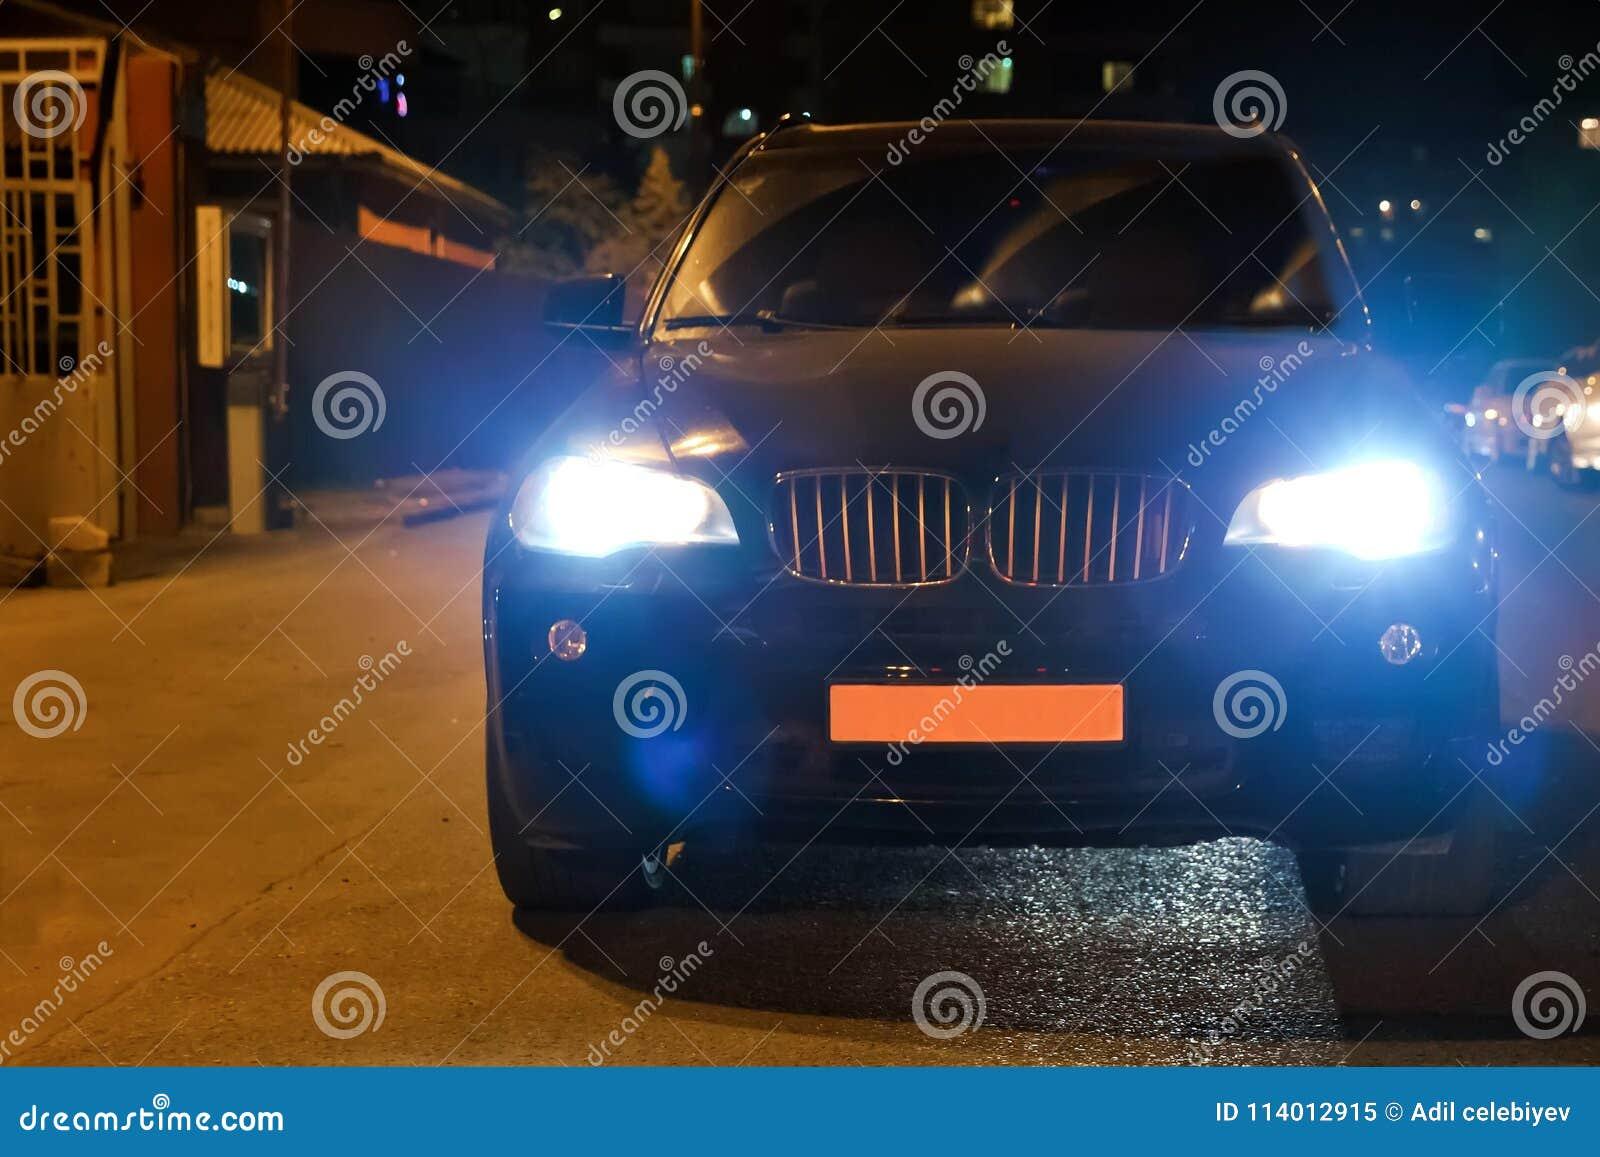 96f260d1541 Ο προβολέας αυτοκινήτων σε έναν ομιχλώδη Χρόνος βράδυ-νύχτας Το ...